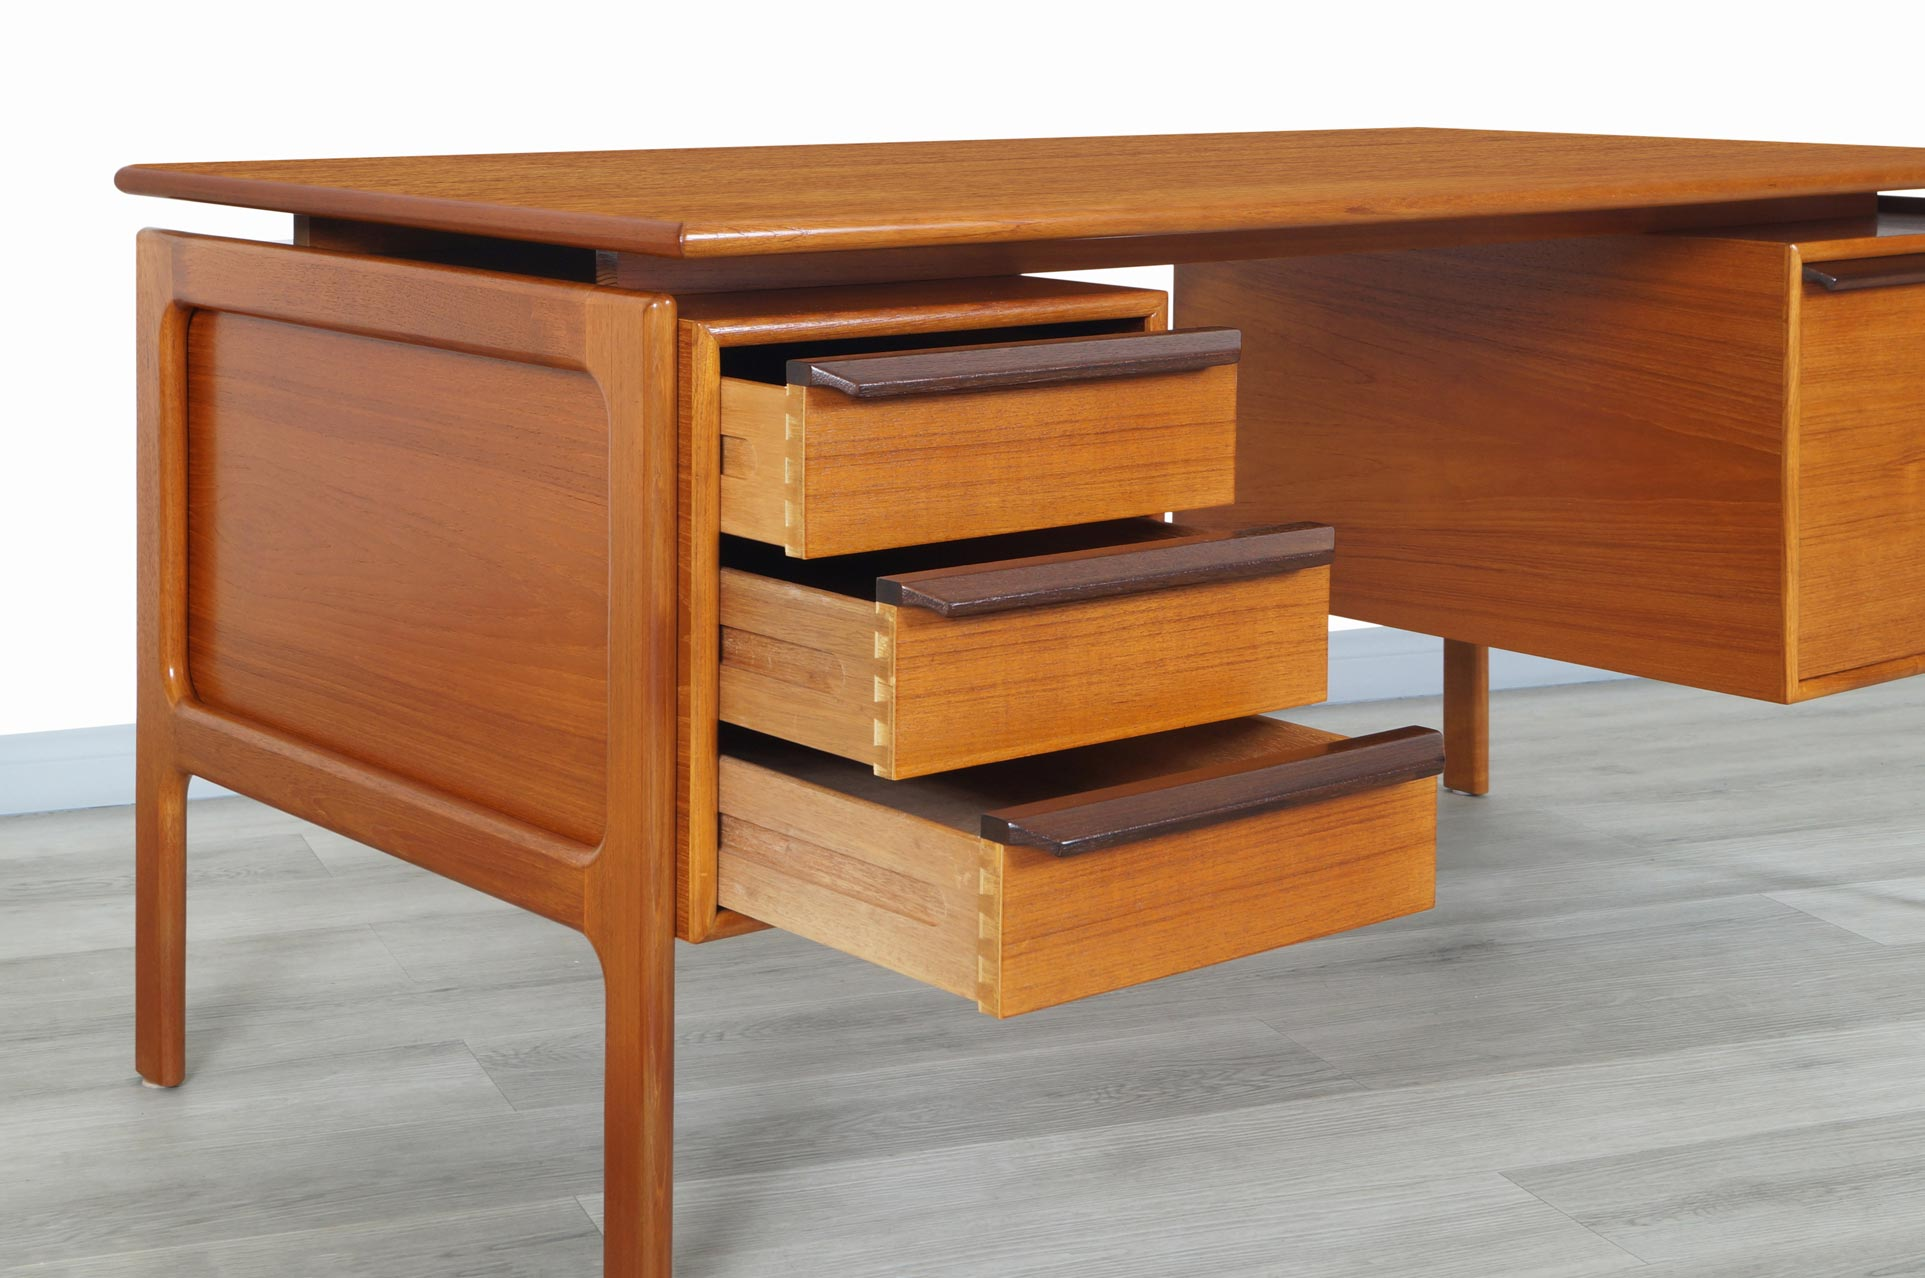 Danish Modern Floating Top Teak Desk by G.V. Møbler